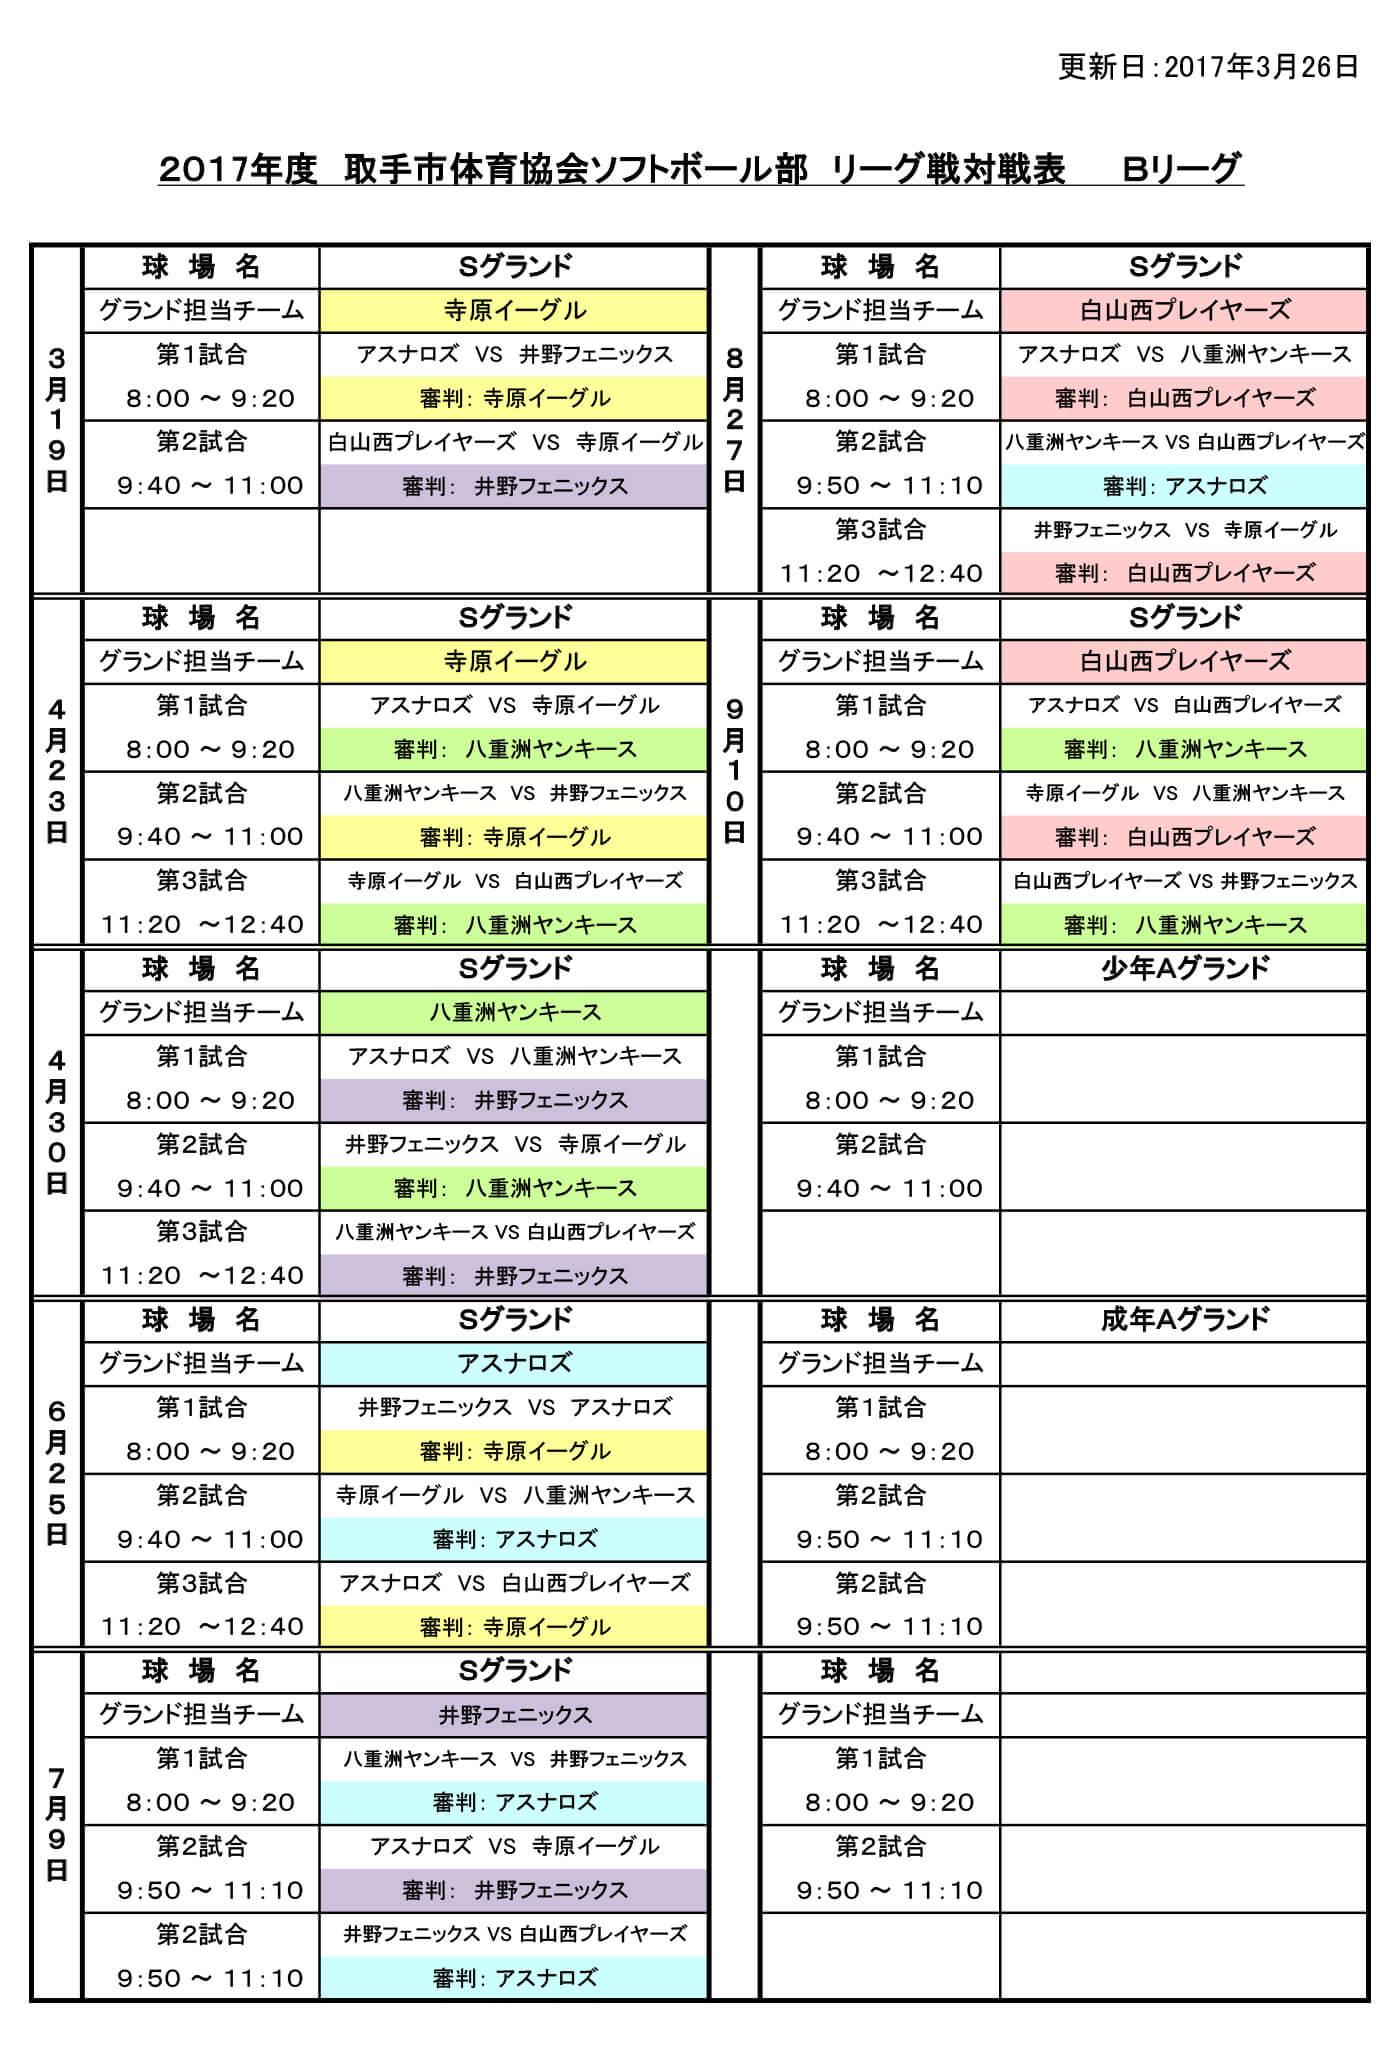 2017年度リーグ戦対戦表Bリーグ